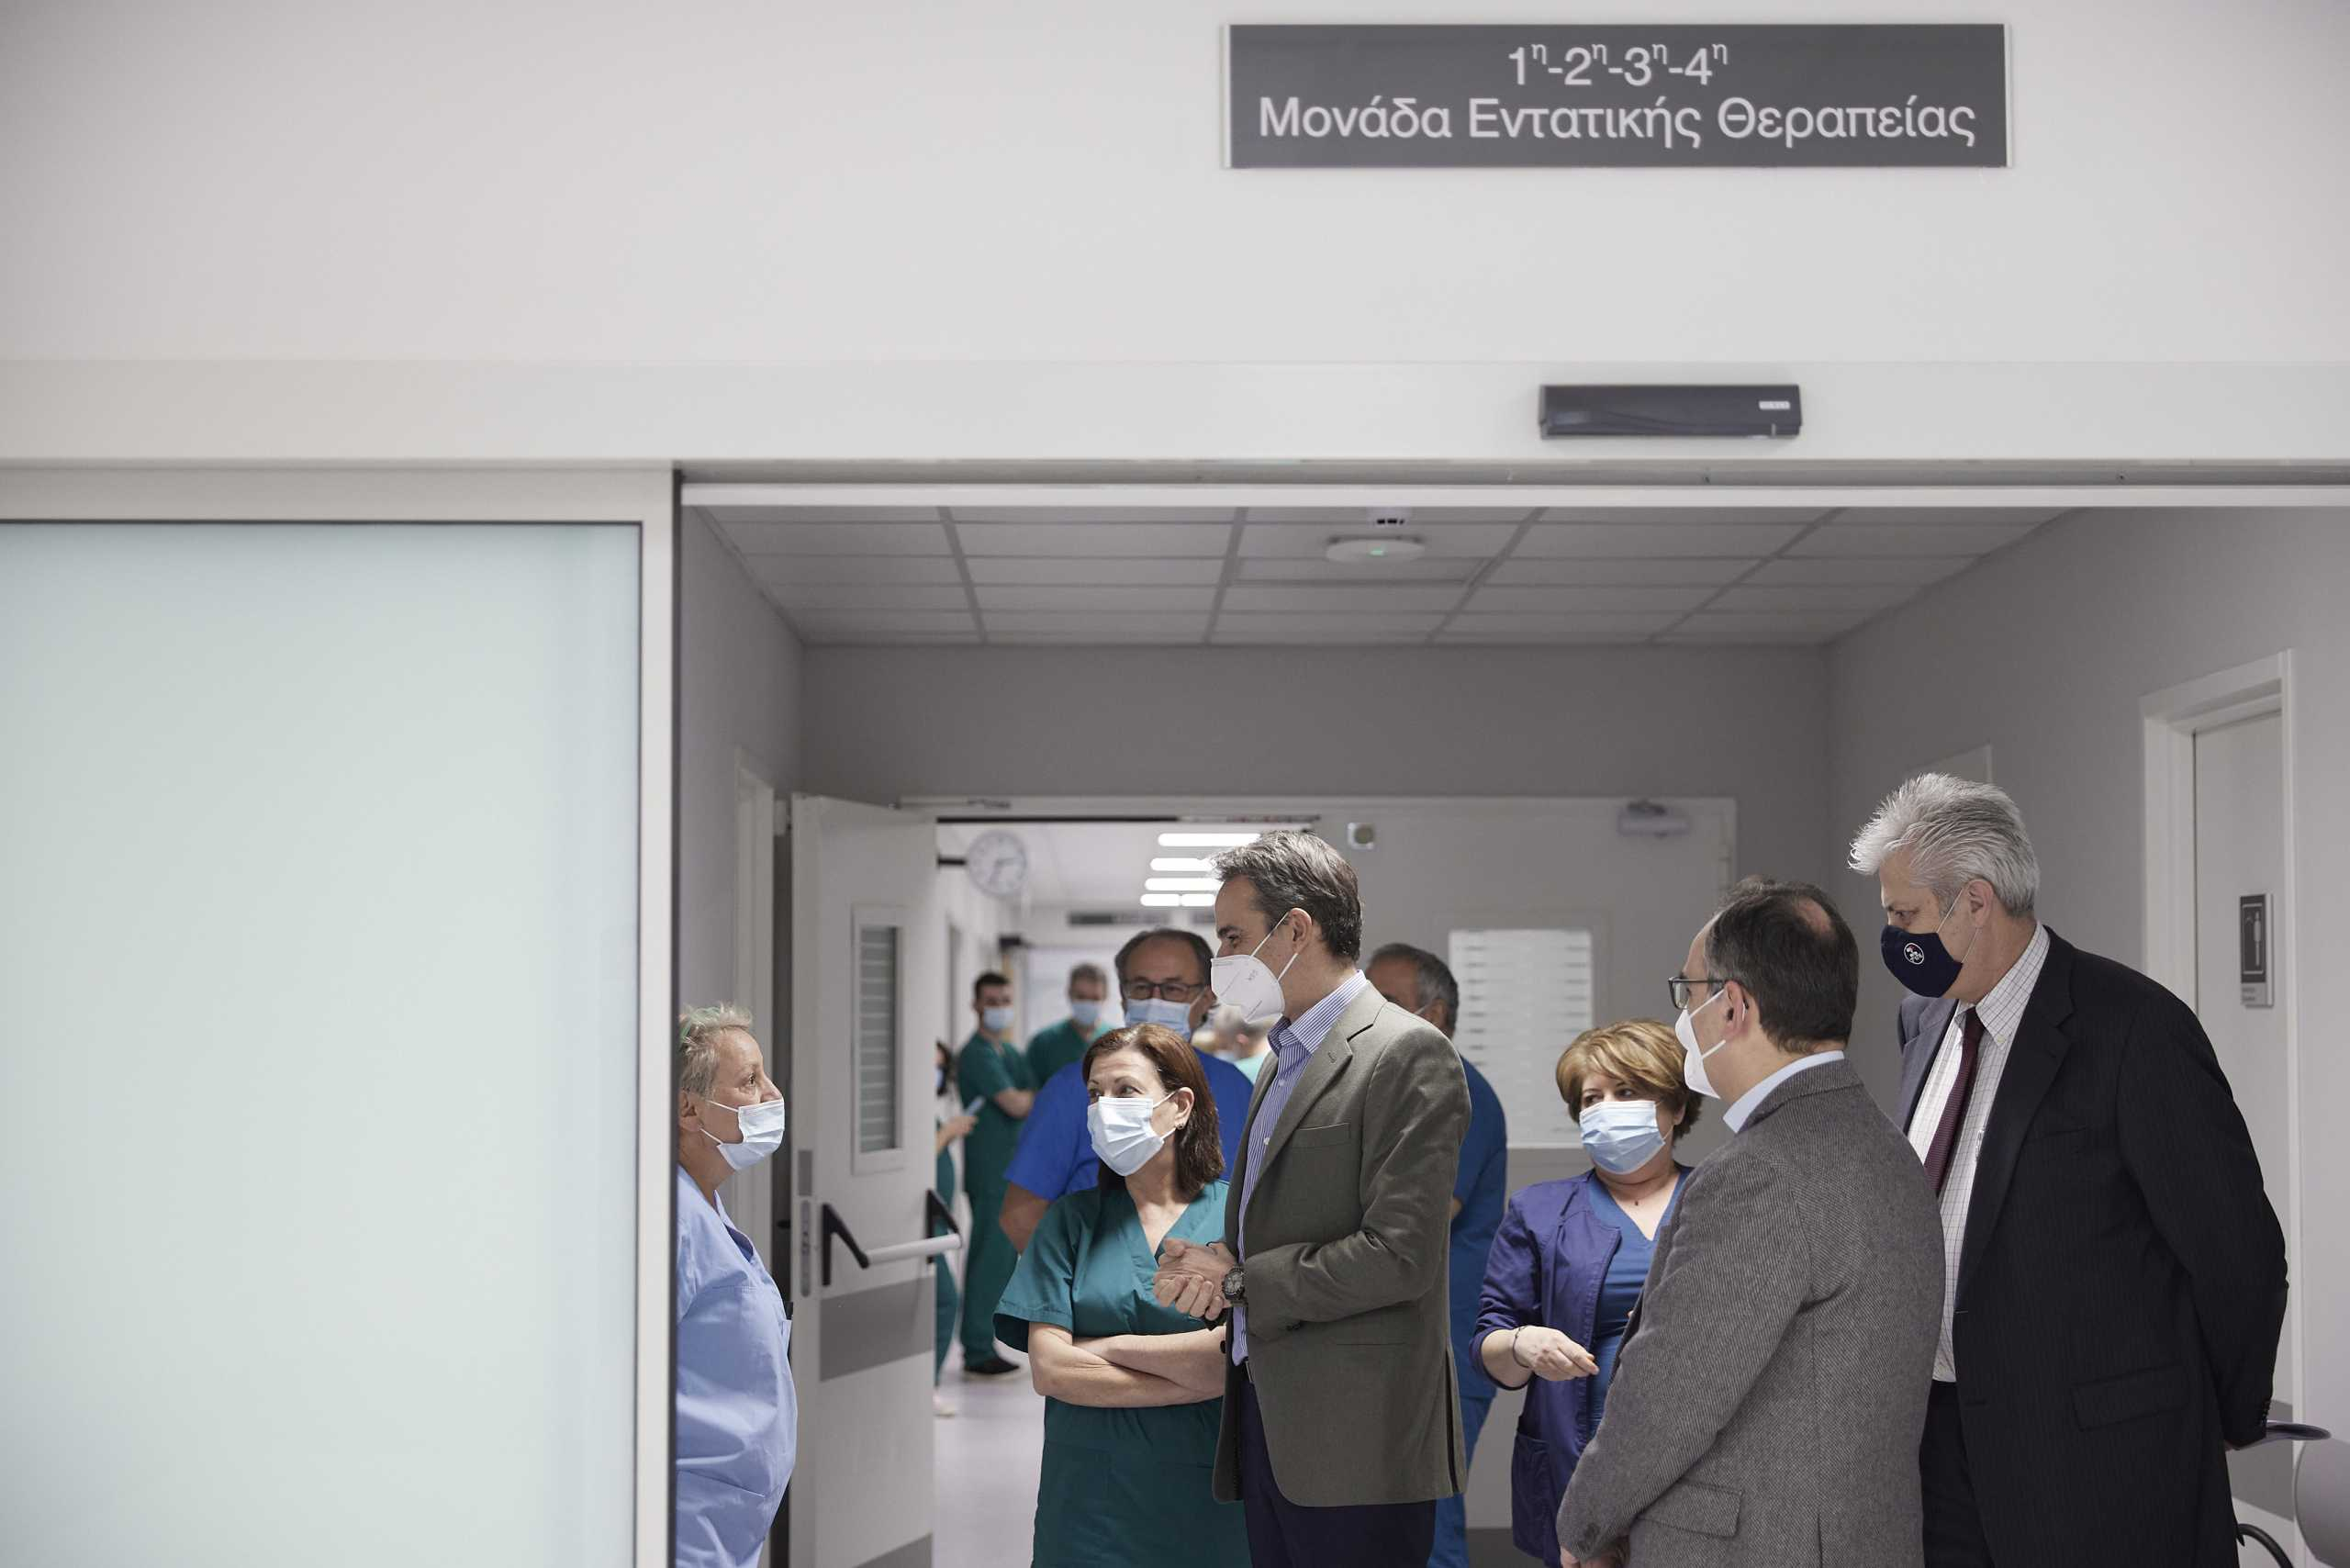 Μητσοτάκης από το νοσοκομείο Σωτηρία: «Αν δεν είχαμε lockdown με τις μεταλλάξεις θα ήταν χειρότερα»